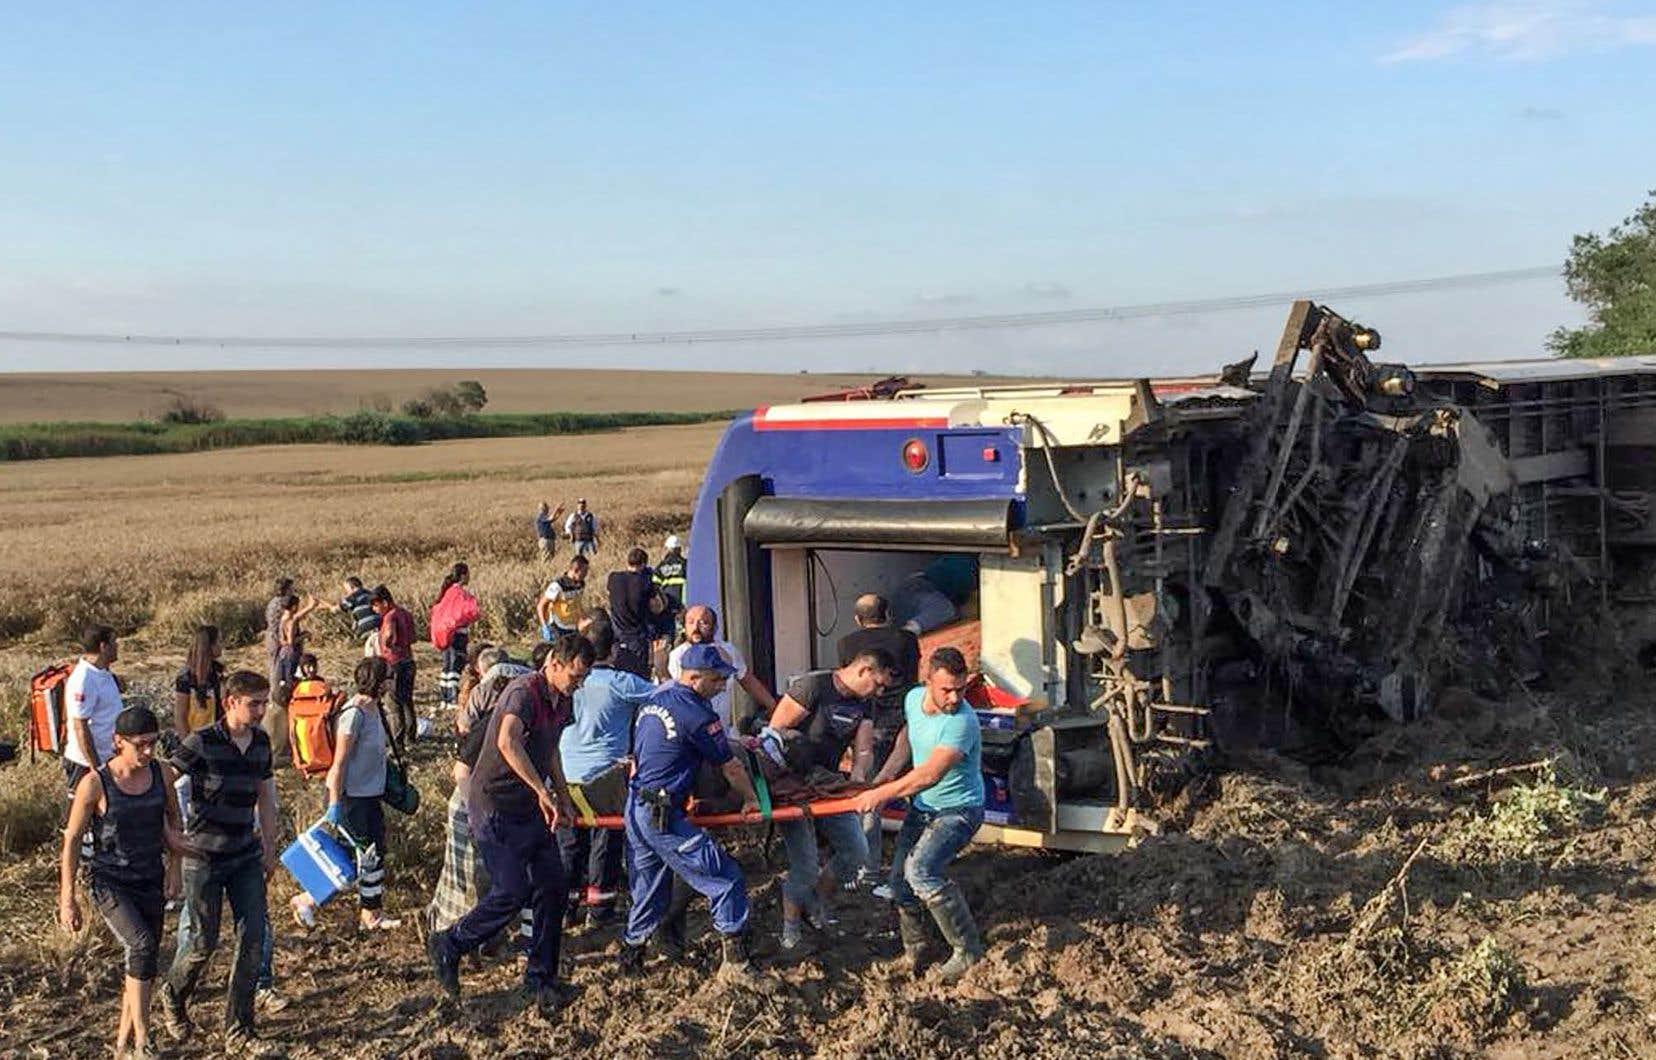 Des sauveteurs transportent une femme blessée à la suite d'un accident de train dans le district de Corlu à Tekirdag, le 8 juillet 2018.